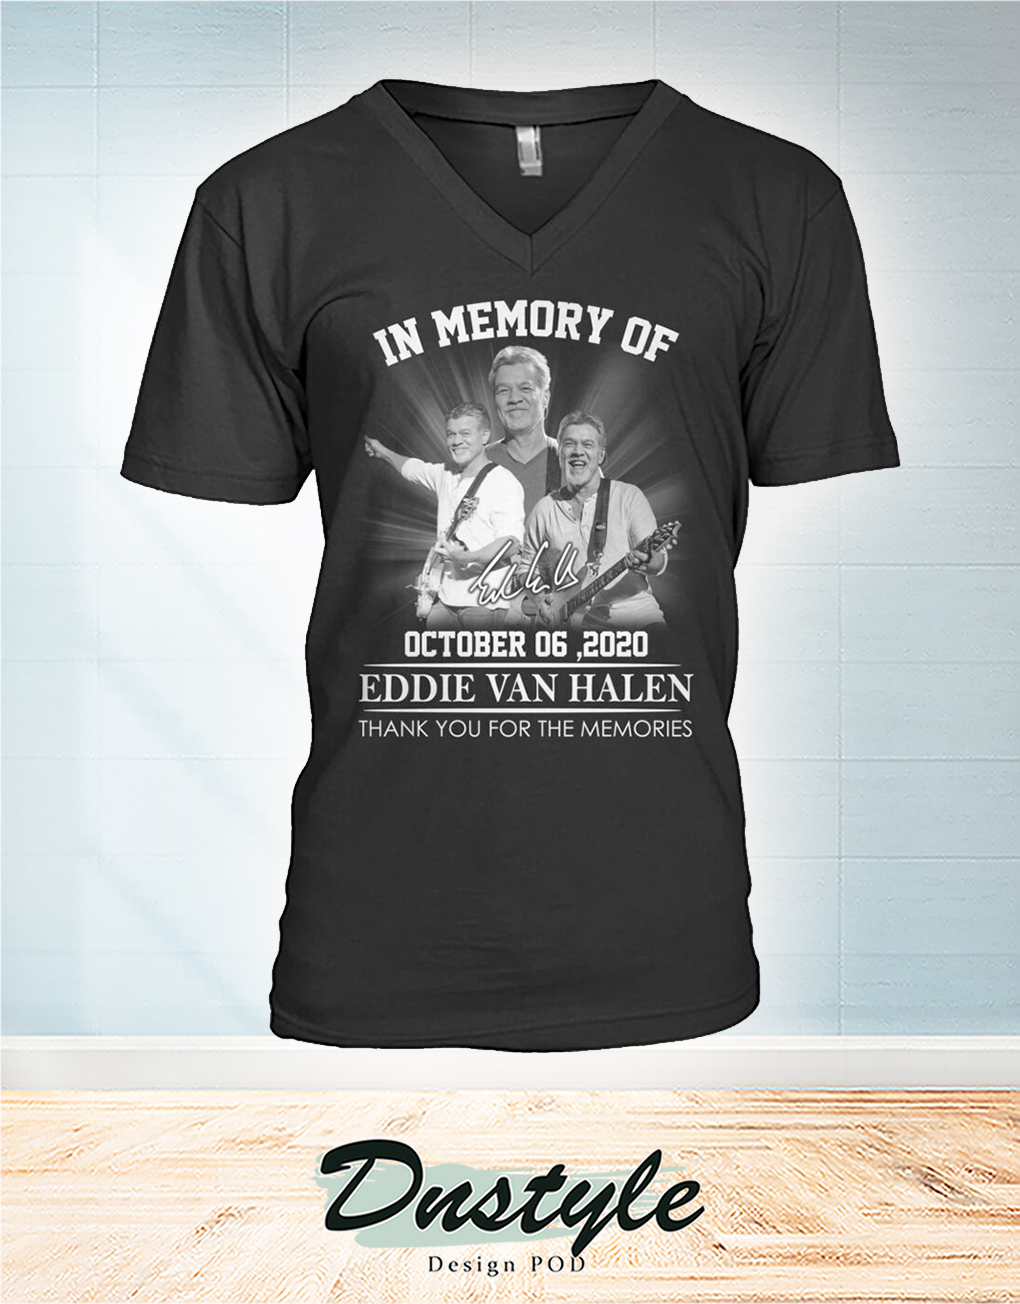 In memory of Eddie Van Halen october 6 2020 thank you for the memories v-neck